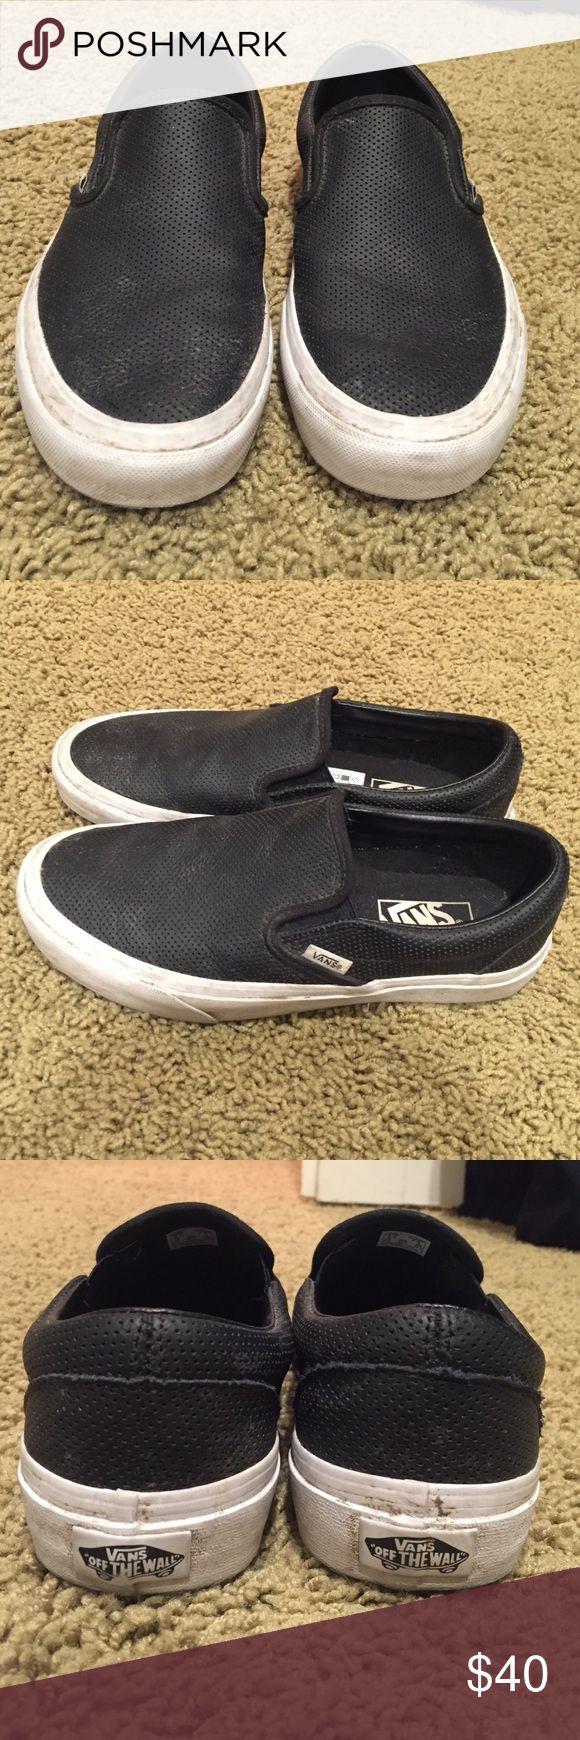 Black slip on leather vans Black slip on leather vans Vans Shoes